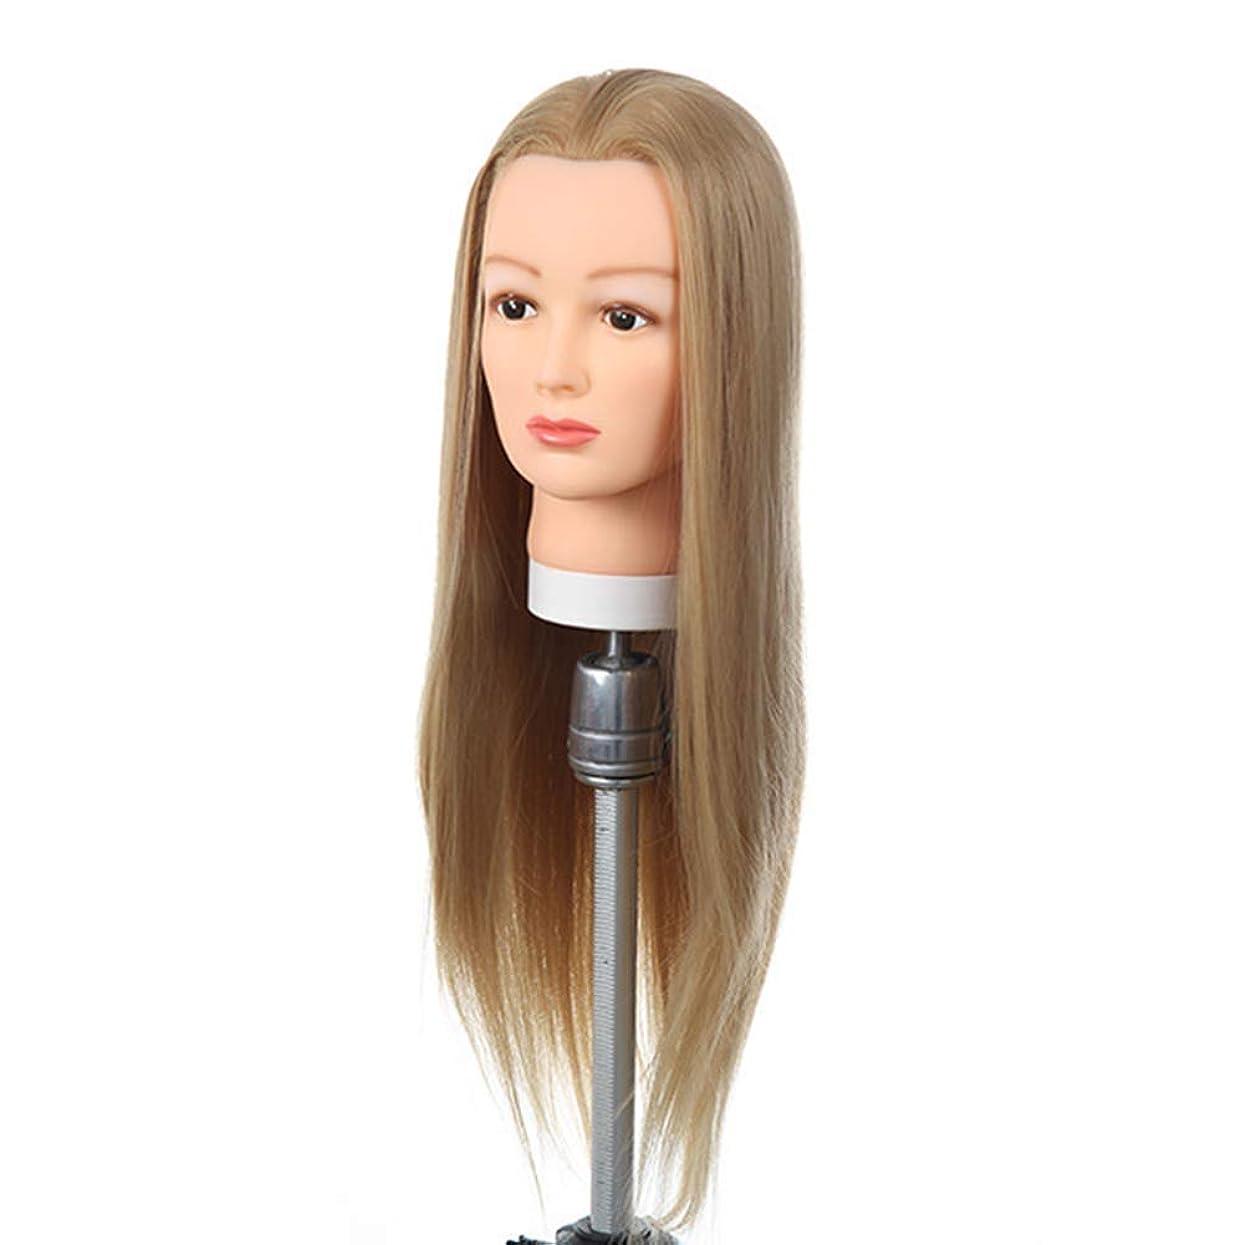 バウンドエトナ山トラック高温シルクヘアエクササイズヘッド理髪店トリムヘアトレーニングヘッドブライダルメイクスタイリングヘアモデルダミーヘッド